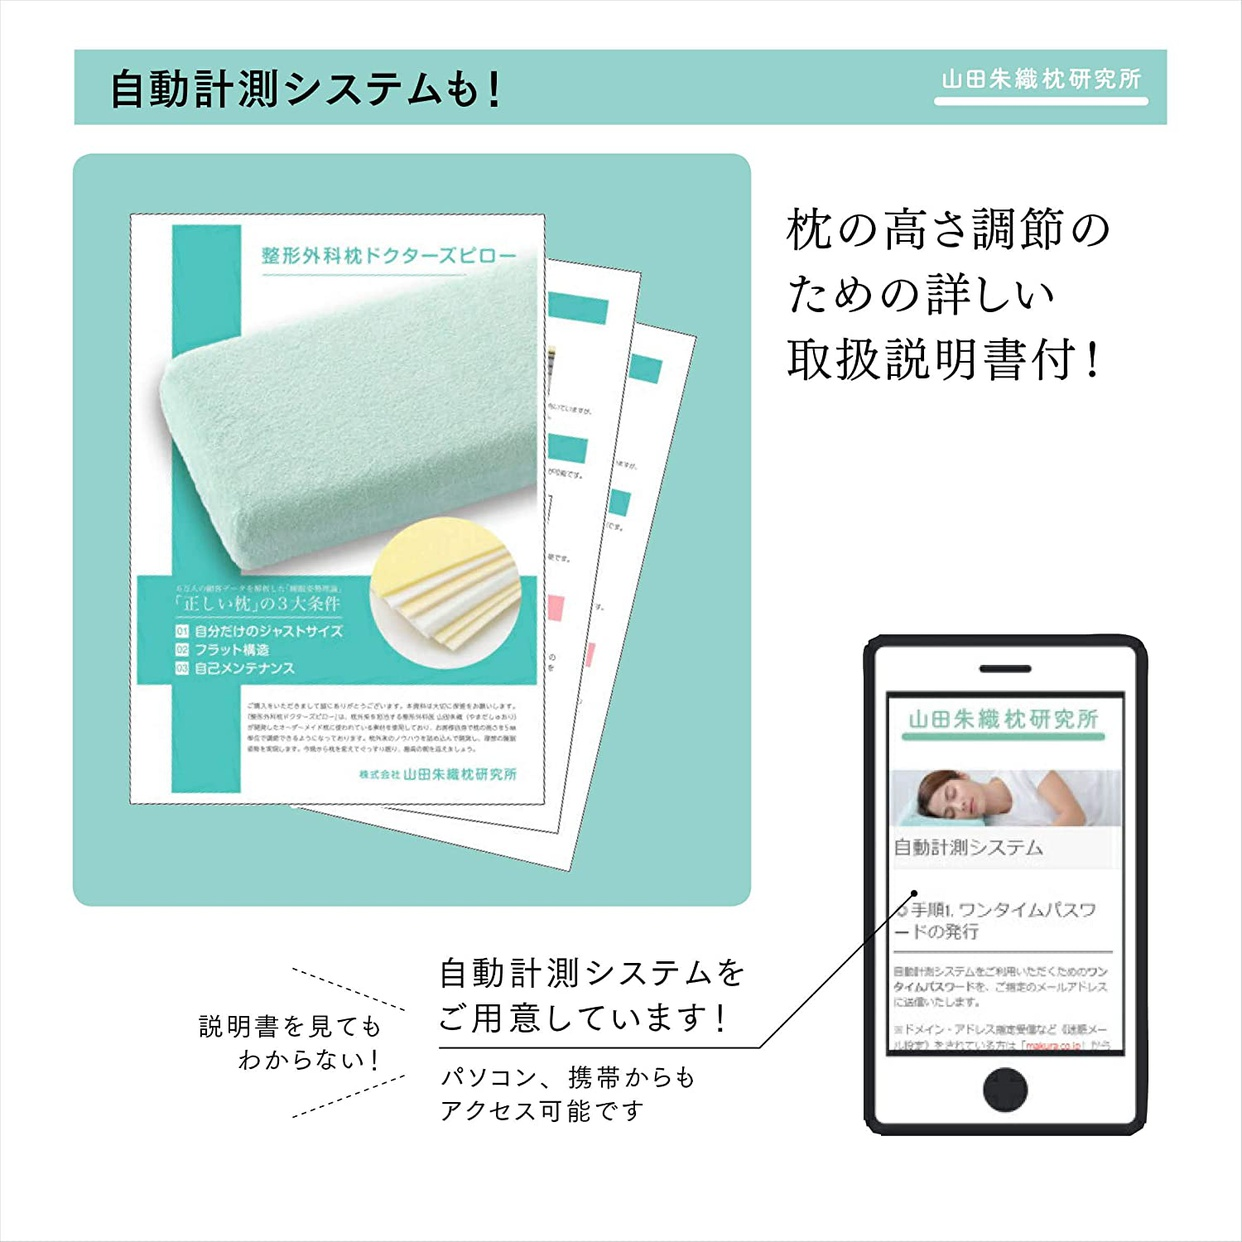 山田朱織枕研究所 整形外科枕ライトの商品画像8